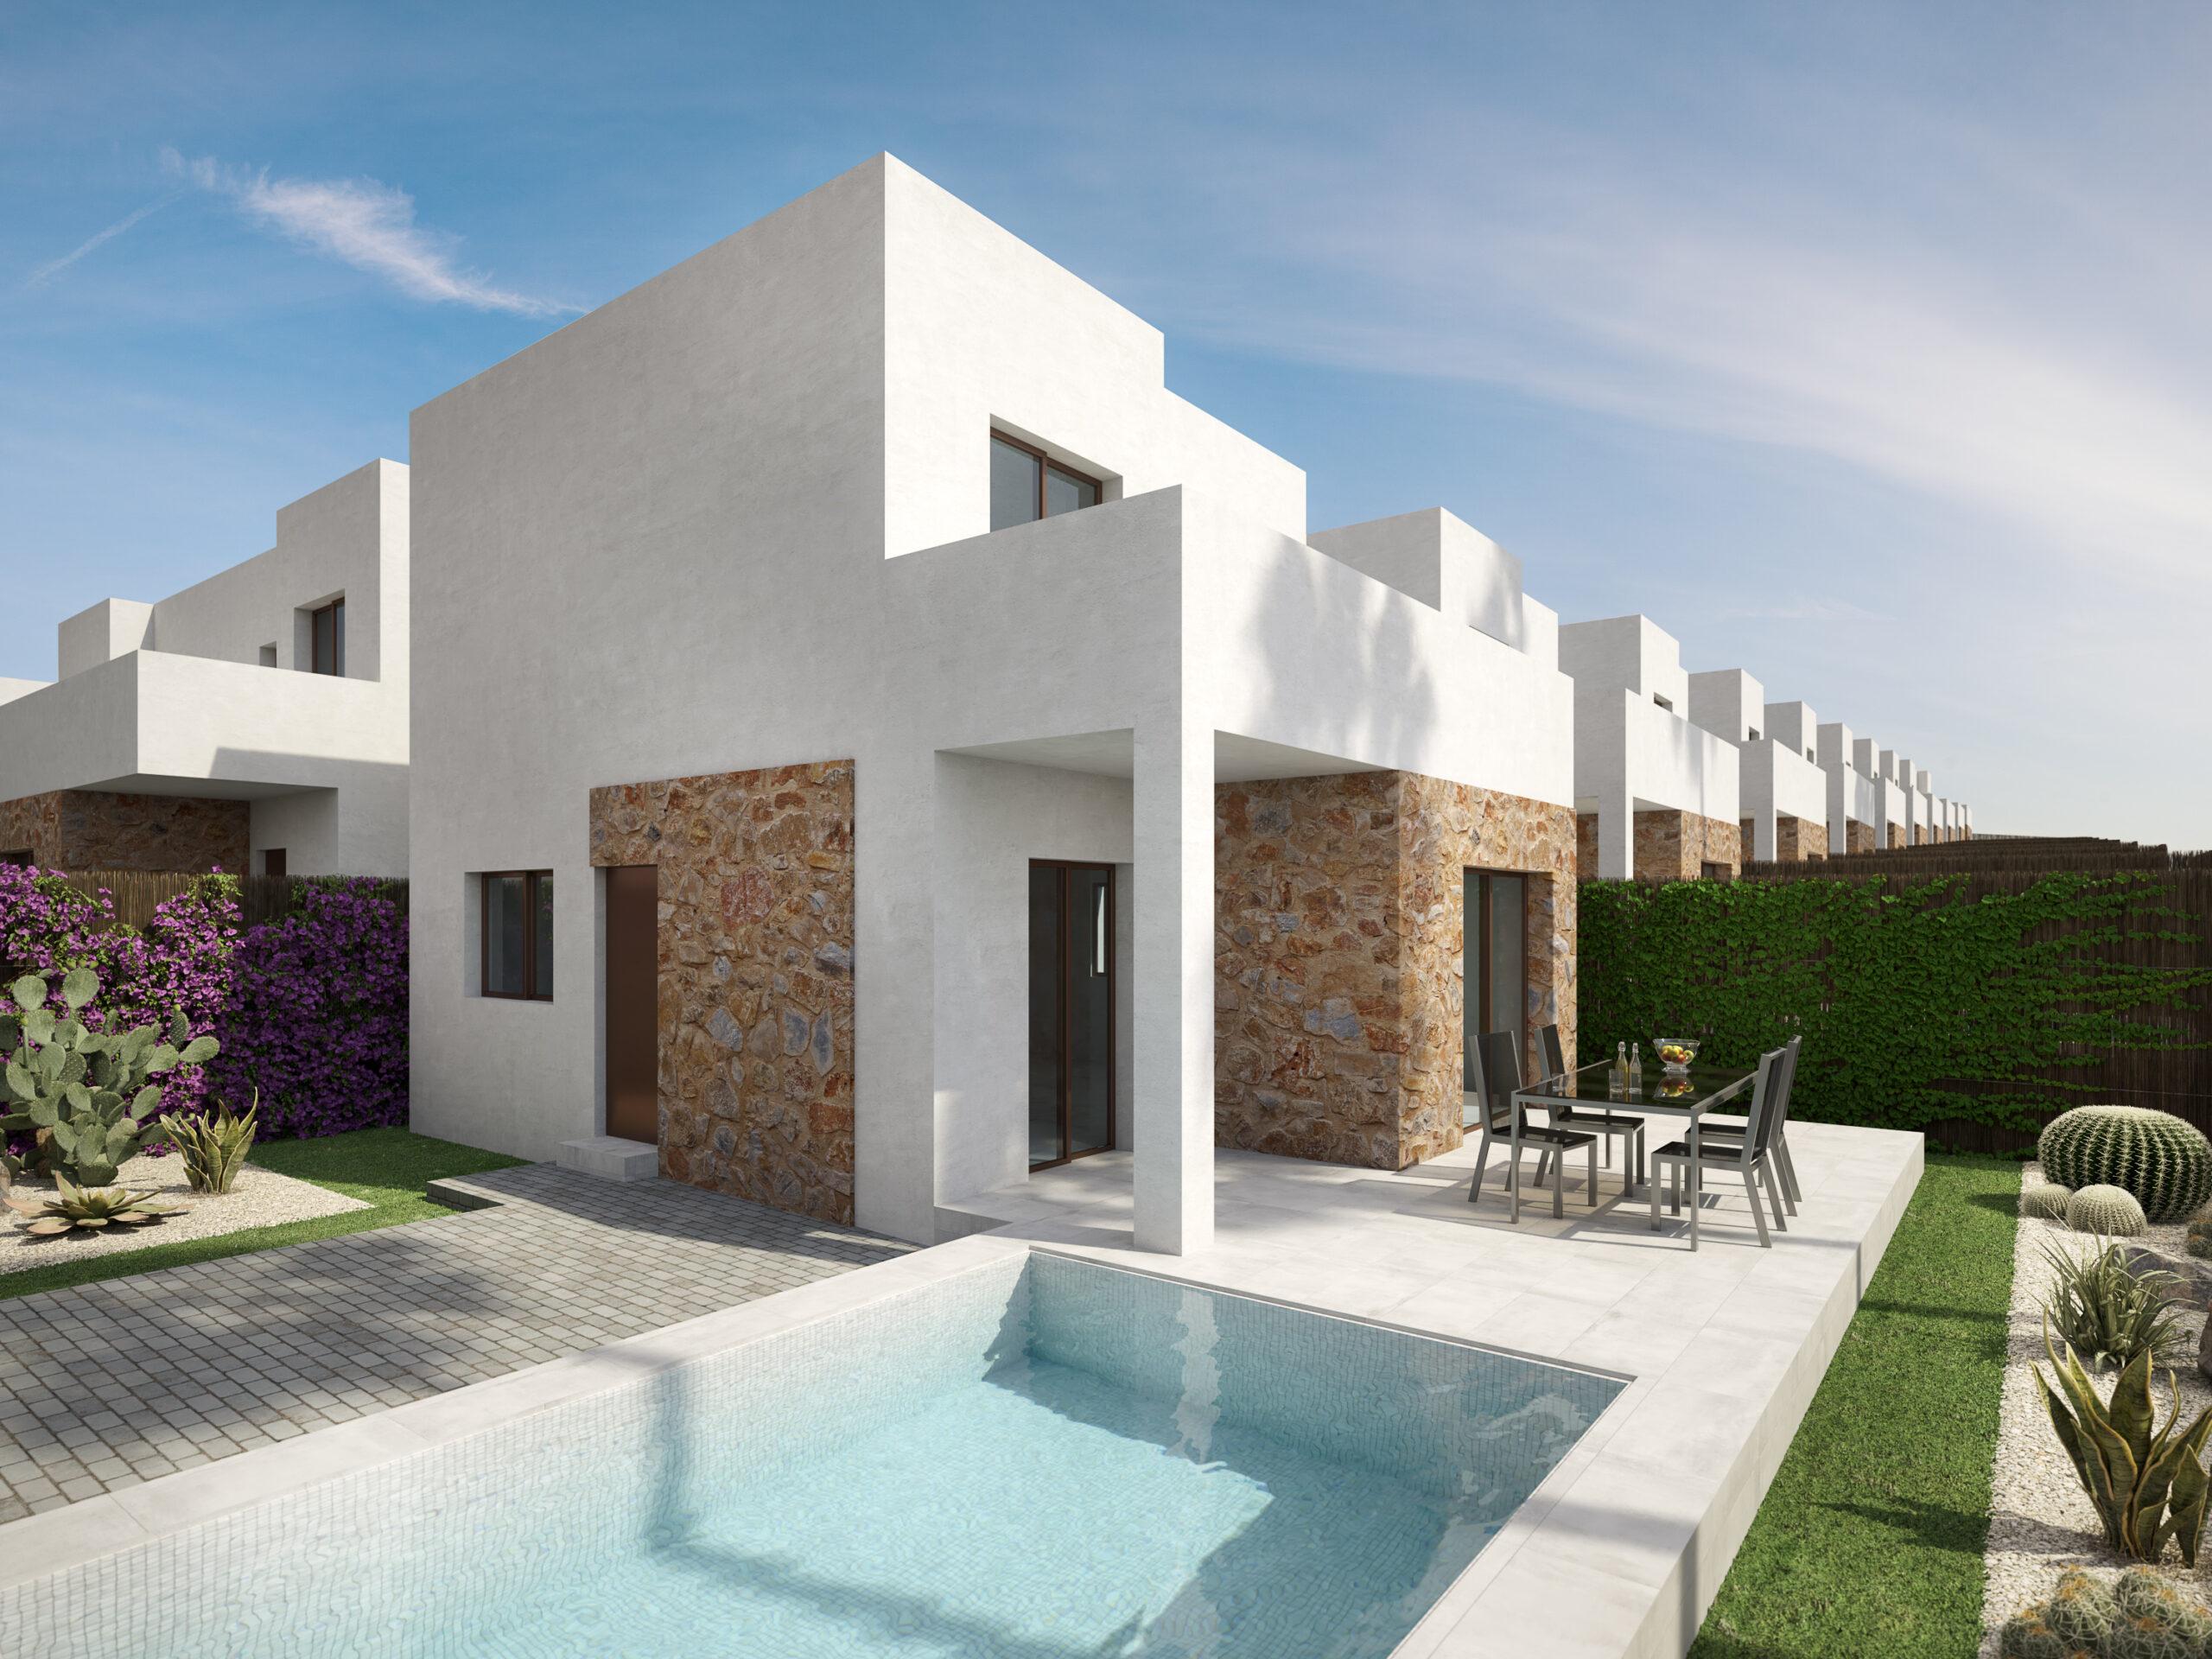 New build Villas 2-3 bedrooms 2 bathrooms in Orihuela Costa